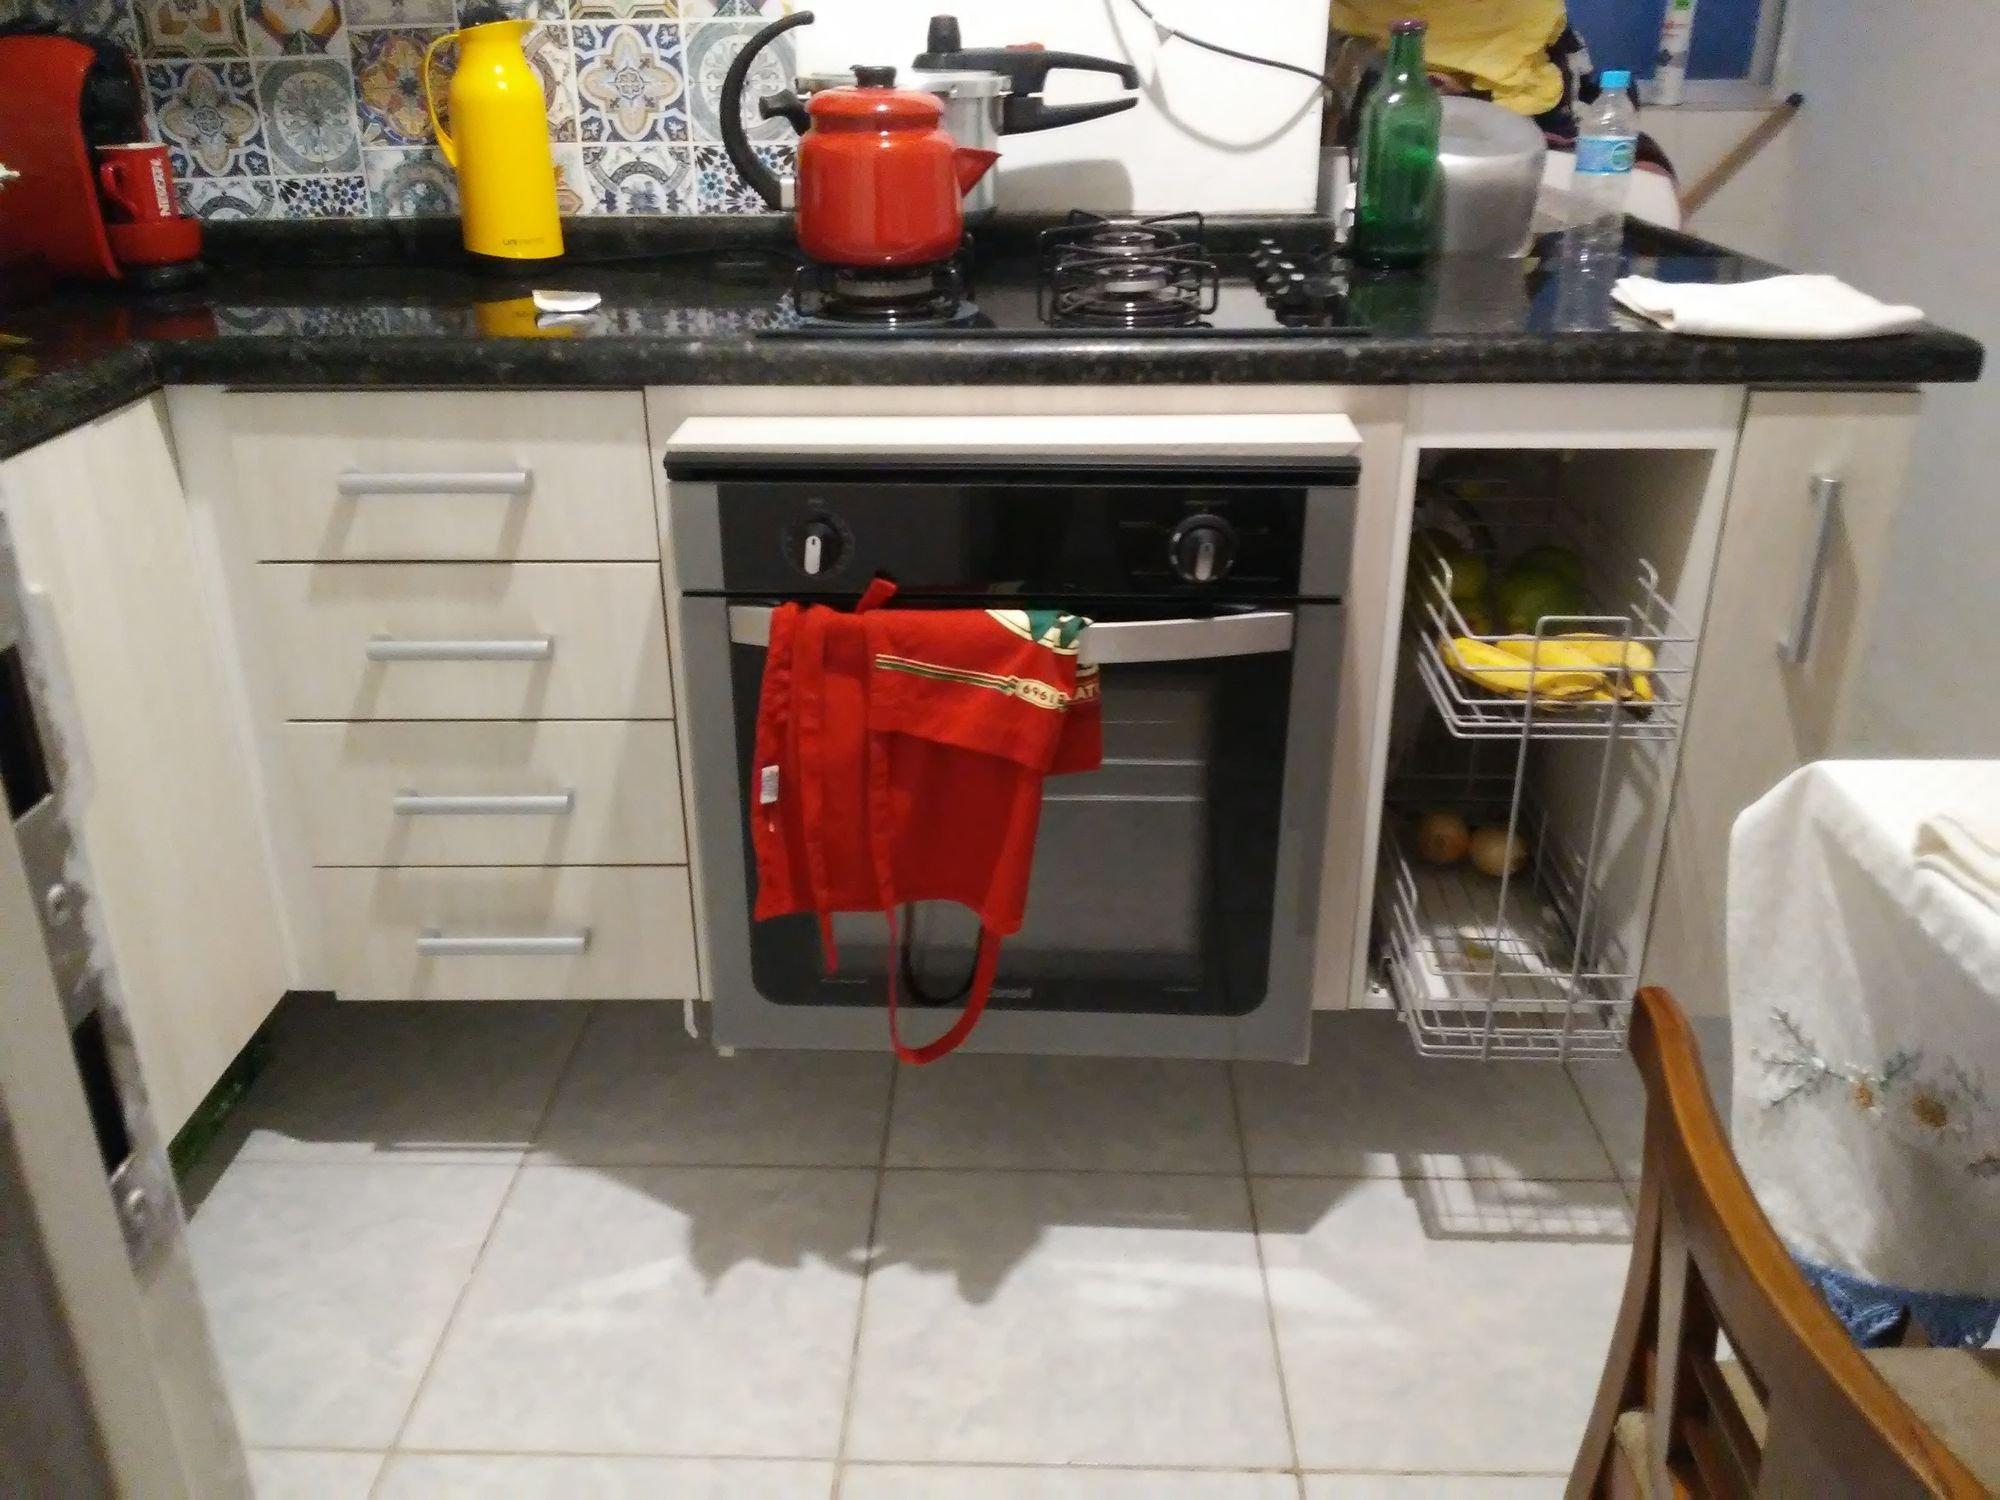 Foto de Cozinha com forno, cadeira, garrafa